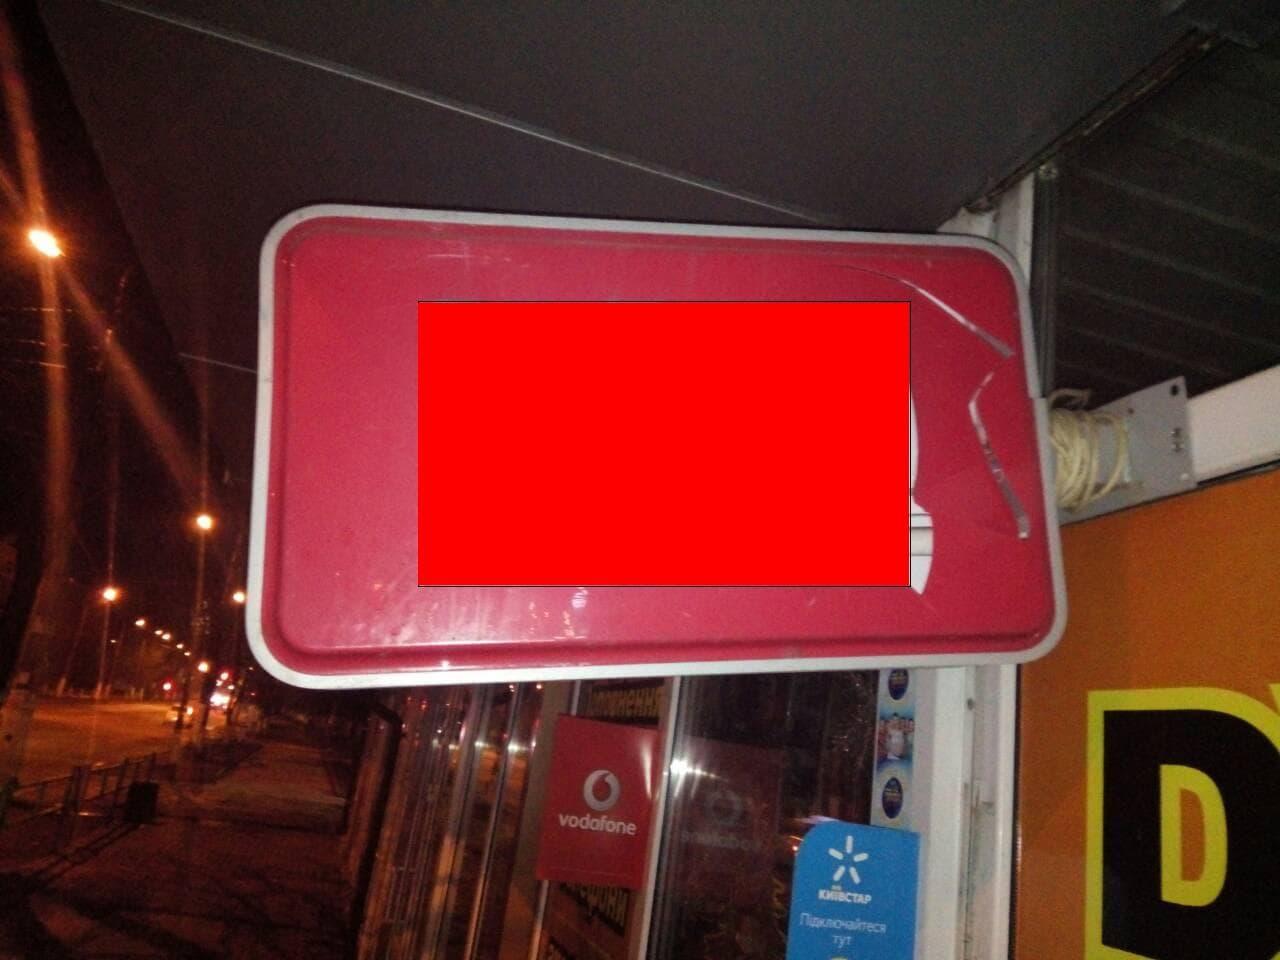 5a449f934df6f - У Житомирі поліцейські охорони затримали нетверезого чоловіка, який  на світанку побив вивіски торгівельних закладів